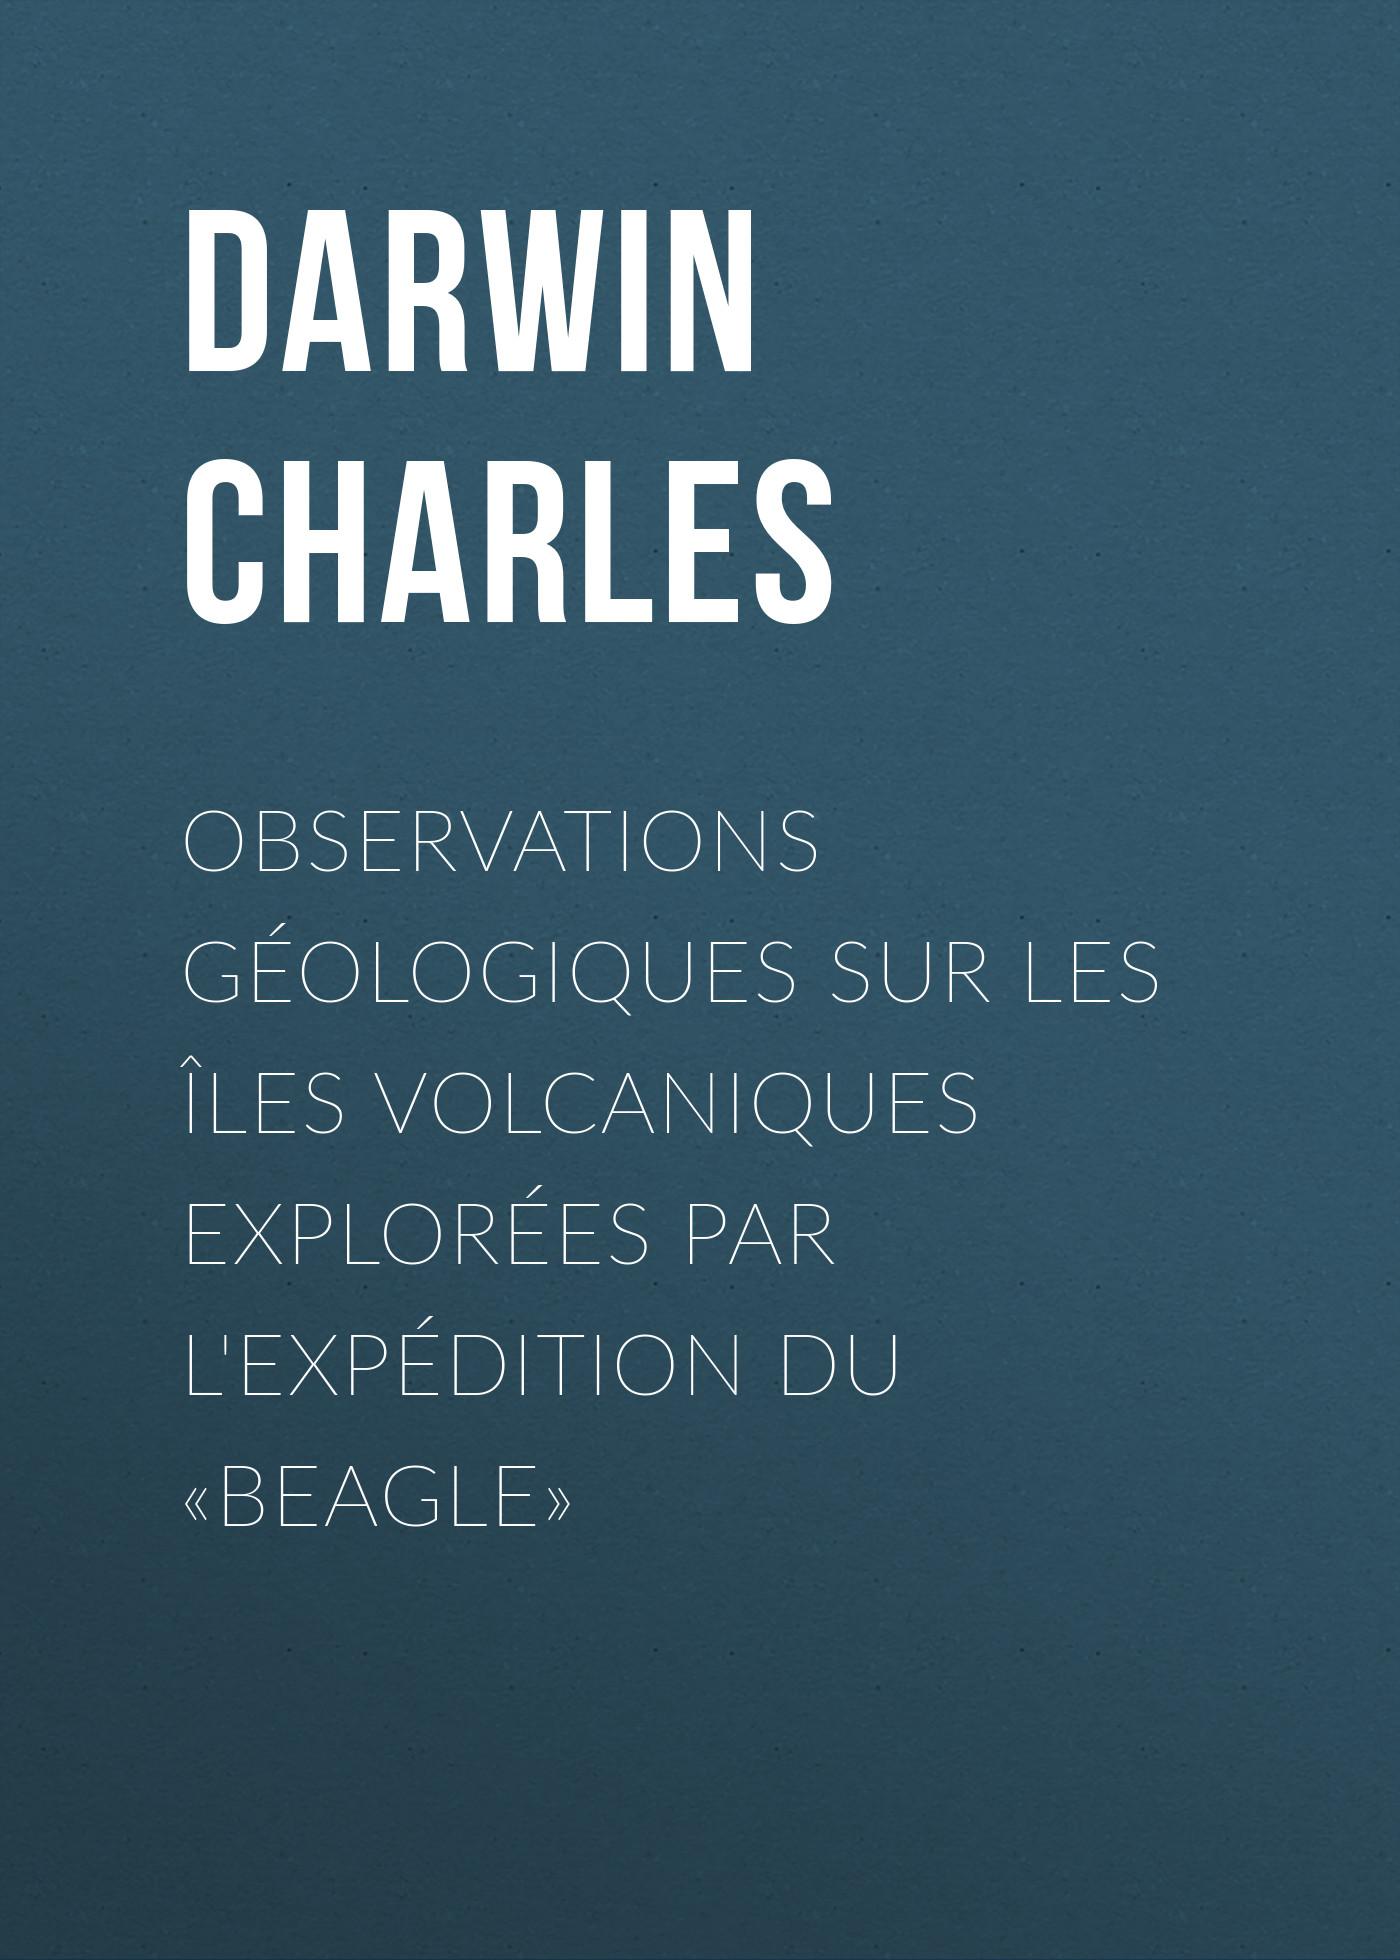 Чарльз Дарвин Observations Géologiques sur les Îles Volcaniques Explorées par l'Expédition du «Beagle» книги рипол классик великие имена чарльз дарвин